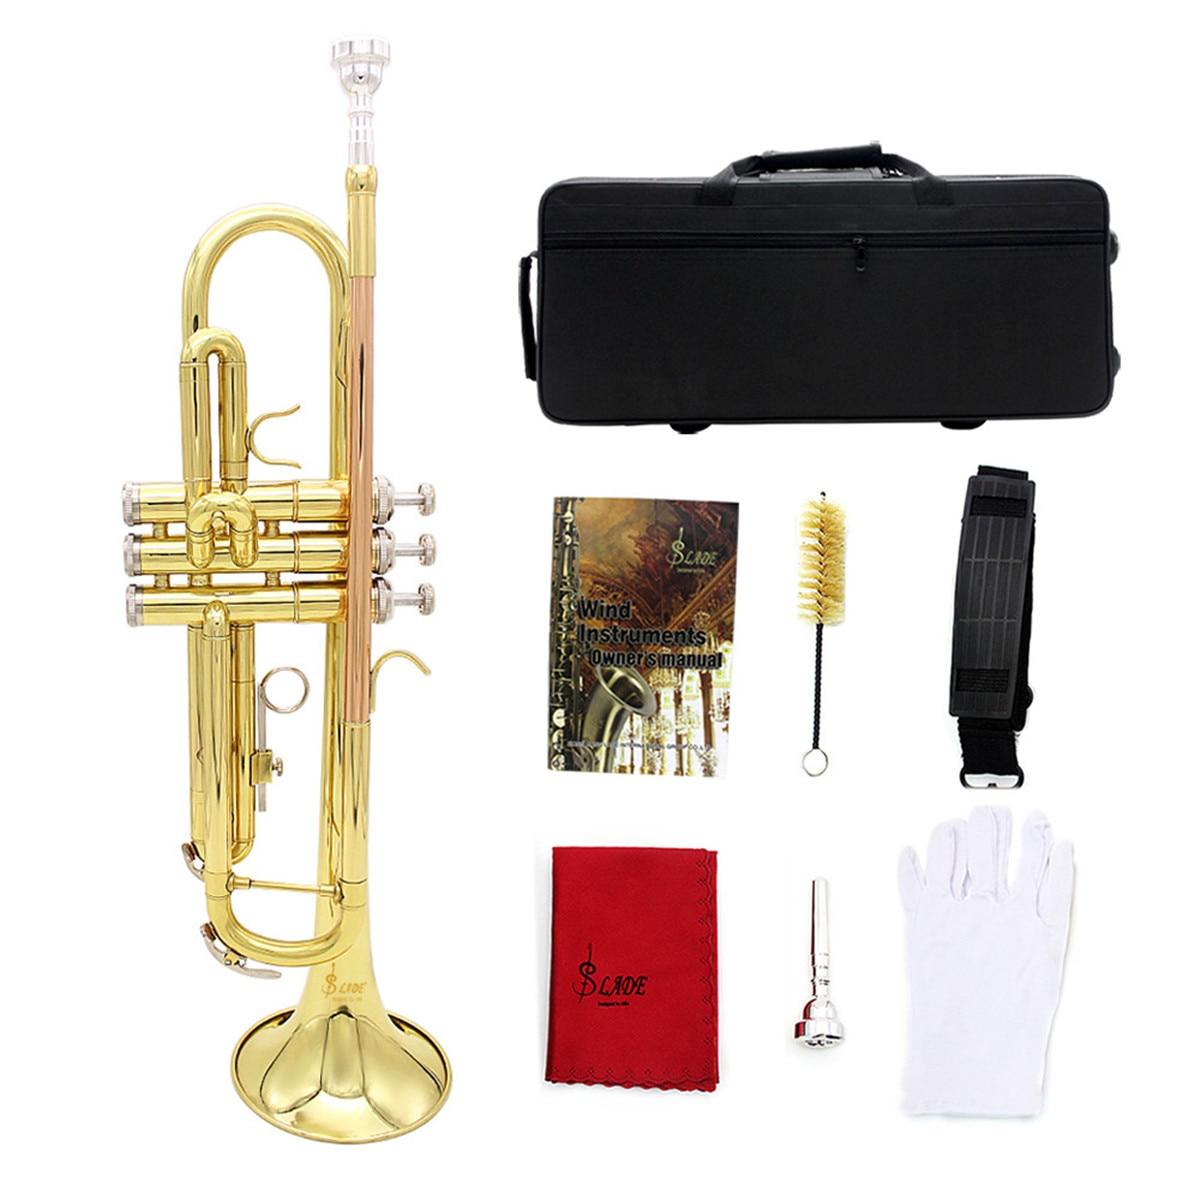 Профессиональные латунные Музыкальные инструменты труба с сумкой латунная Золотая труба цифровая Механическая сварочная труба музыка принимает - 3